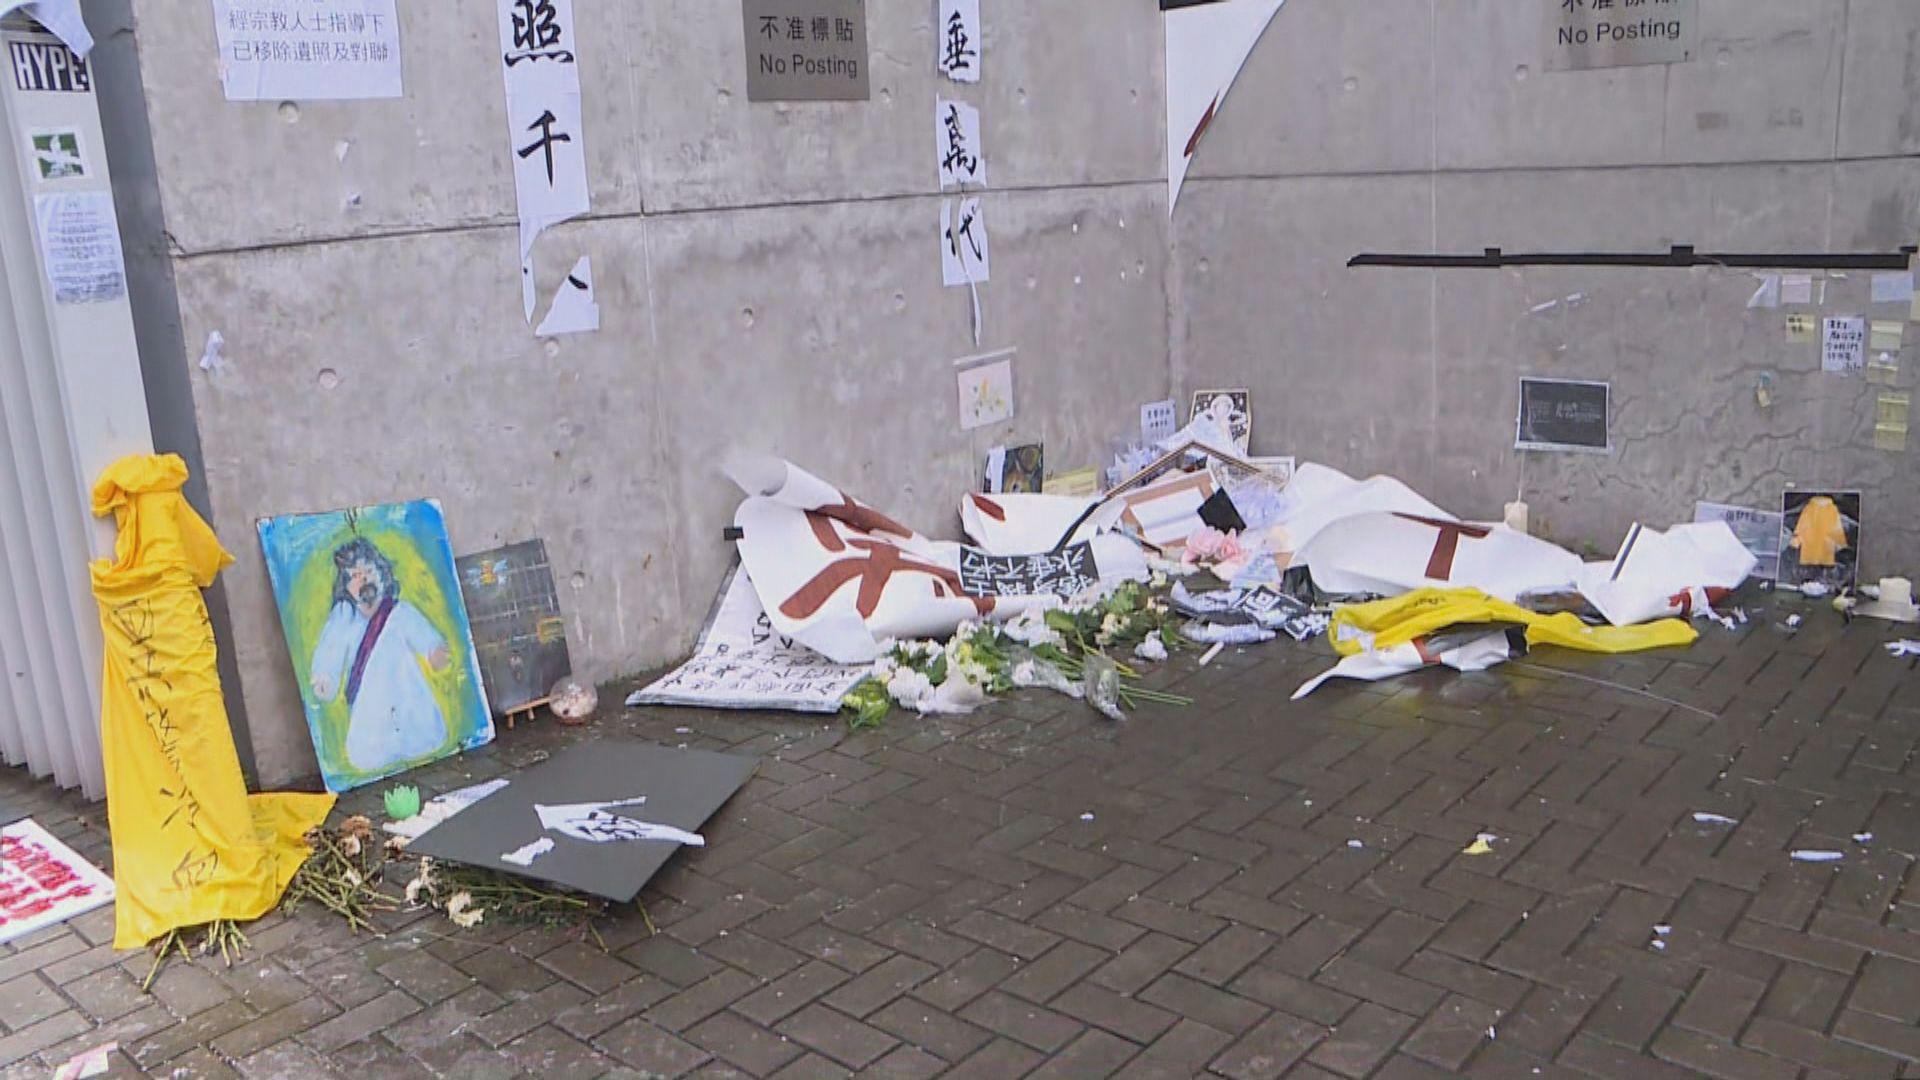 有撐警集會人士將政總外牆反修例標語撕下